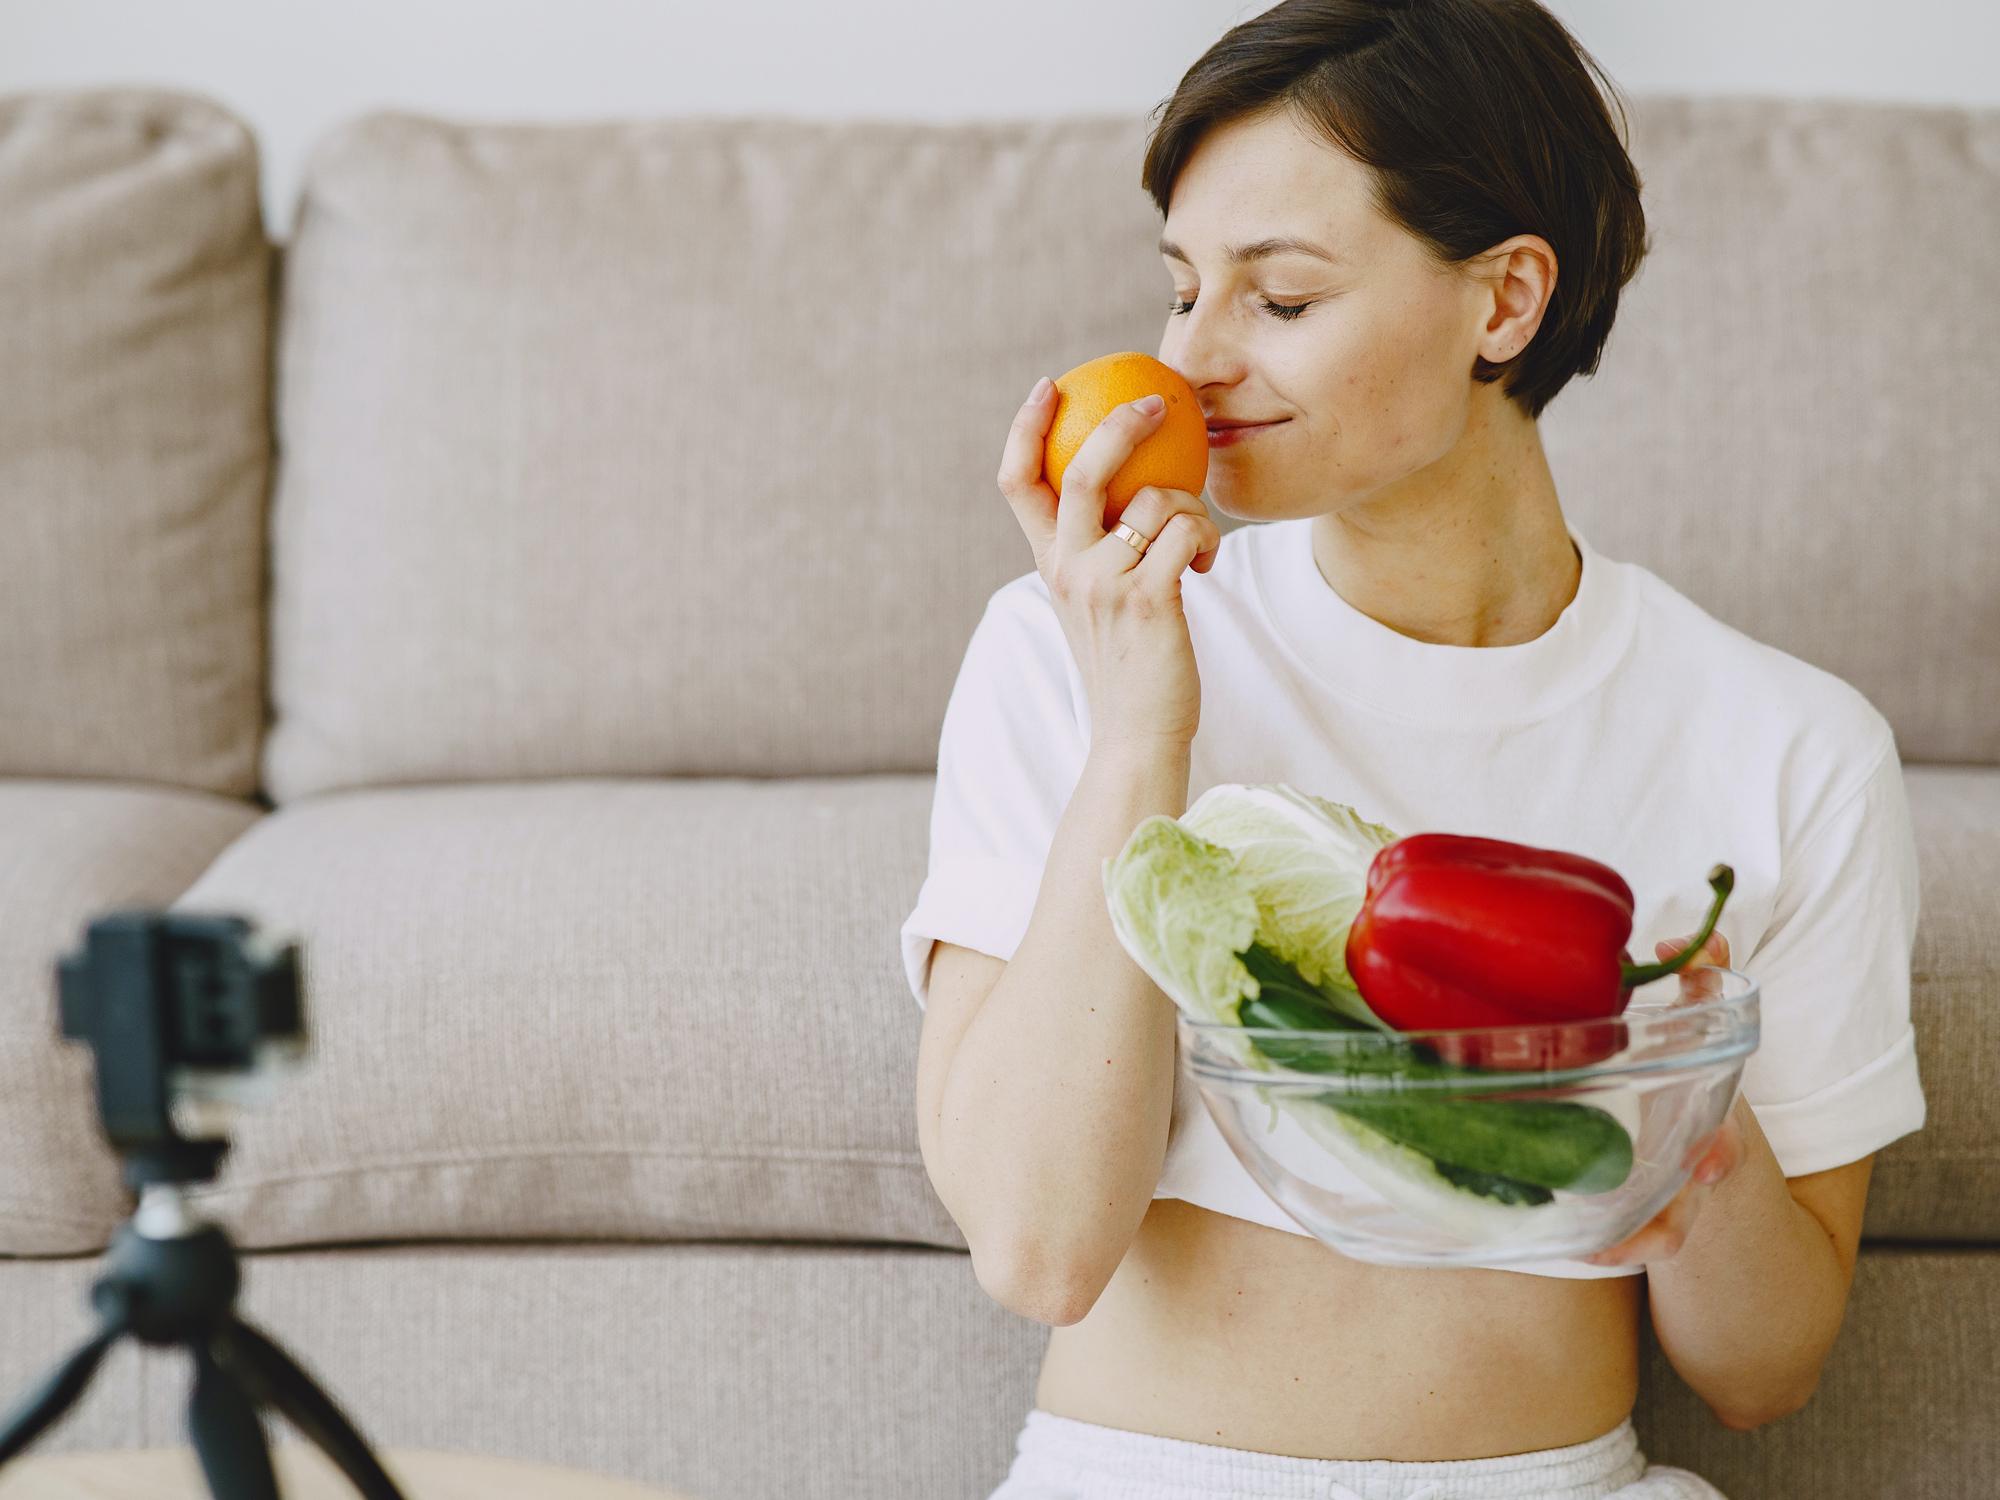 Peut-on faire confiance aux fruits et légumes surgelés ?